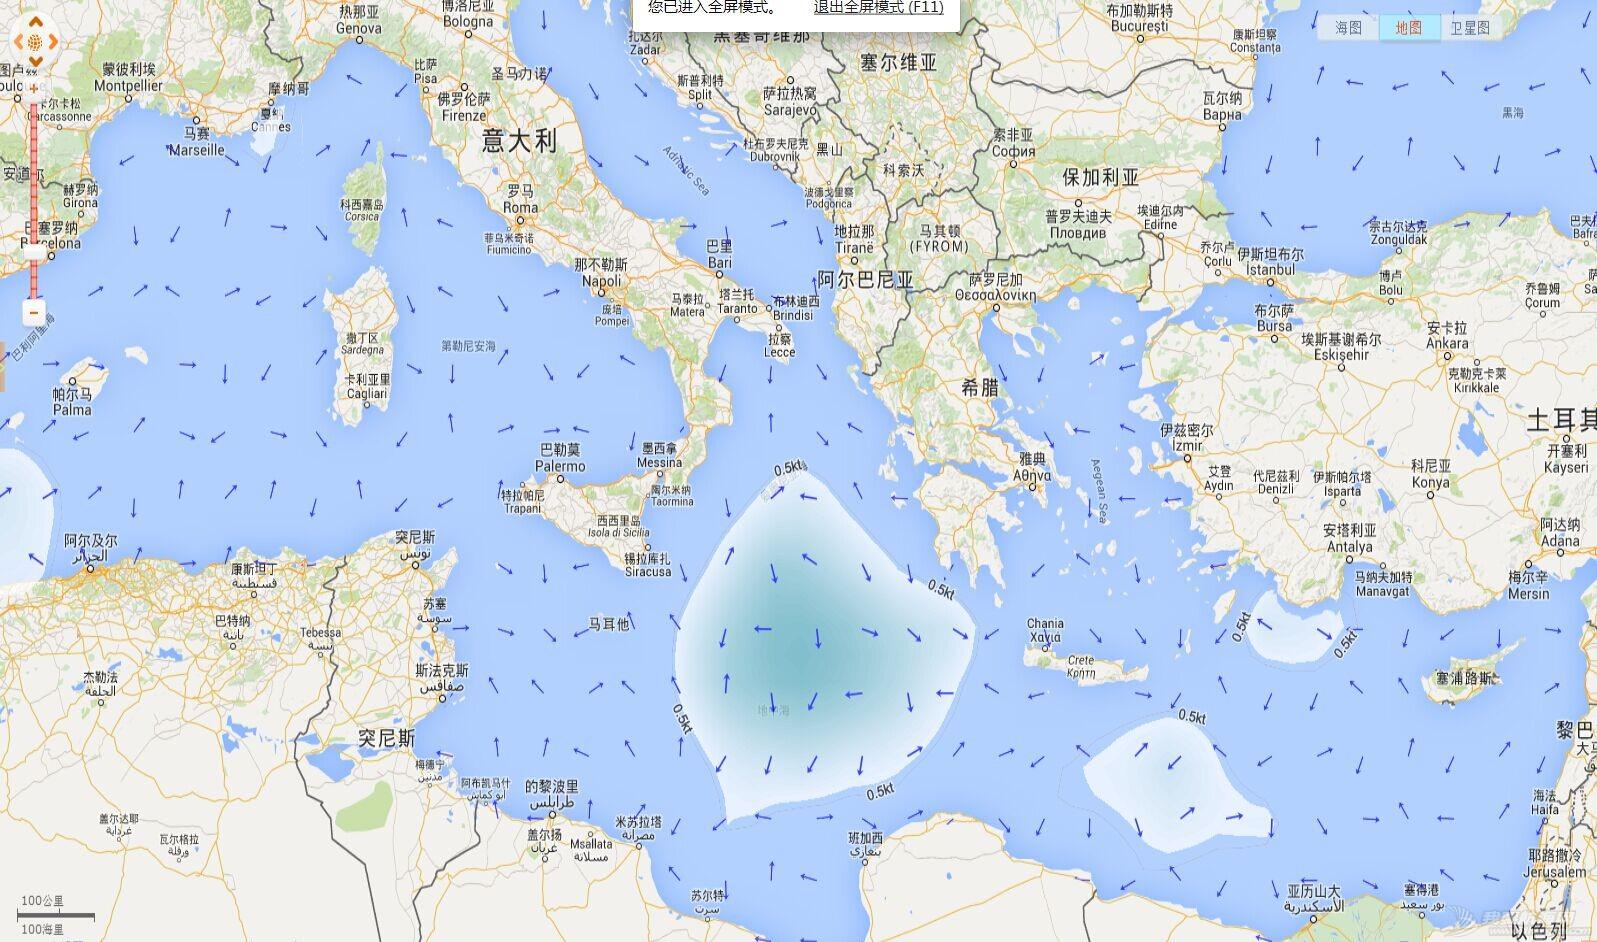 地中海水流问题 当前的地中海洋流 20150706